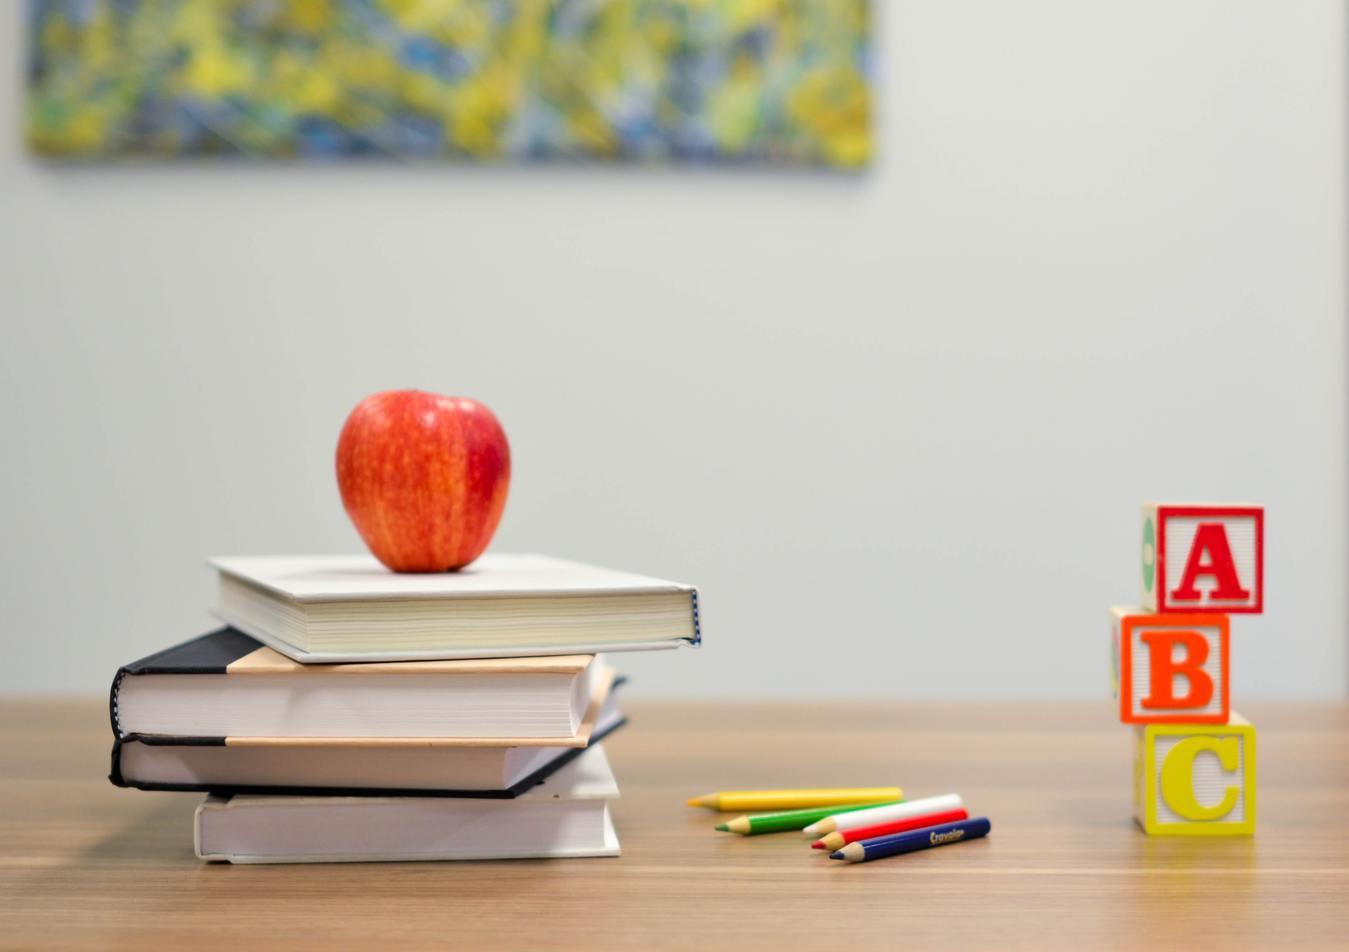 Livres, crayons, une pomme et des blocs abc sur une table